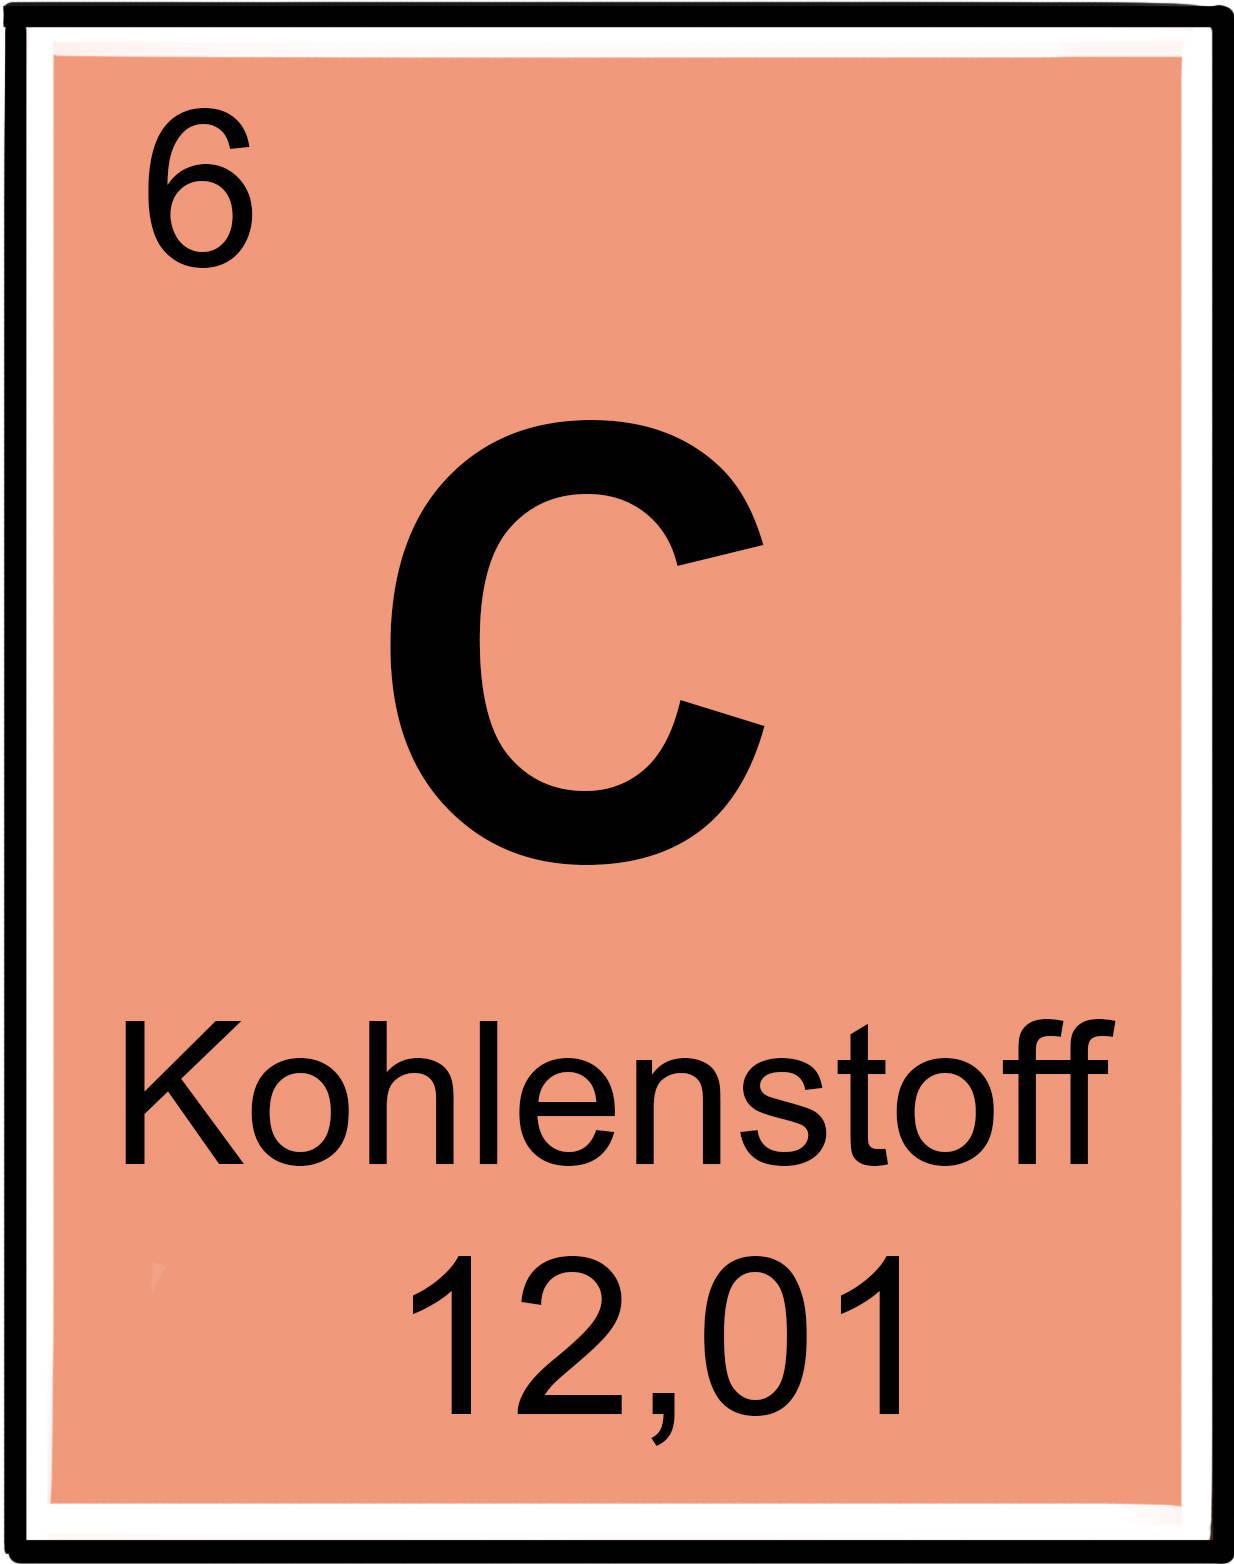 Kohlenstoff.jpg